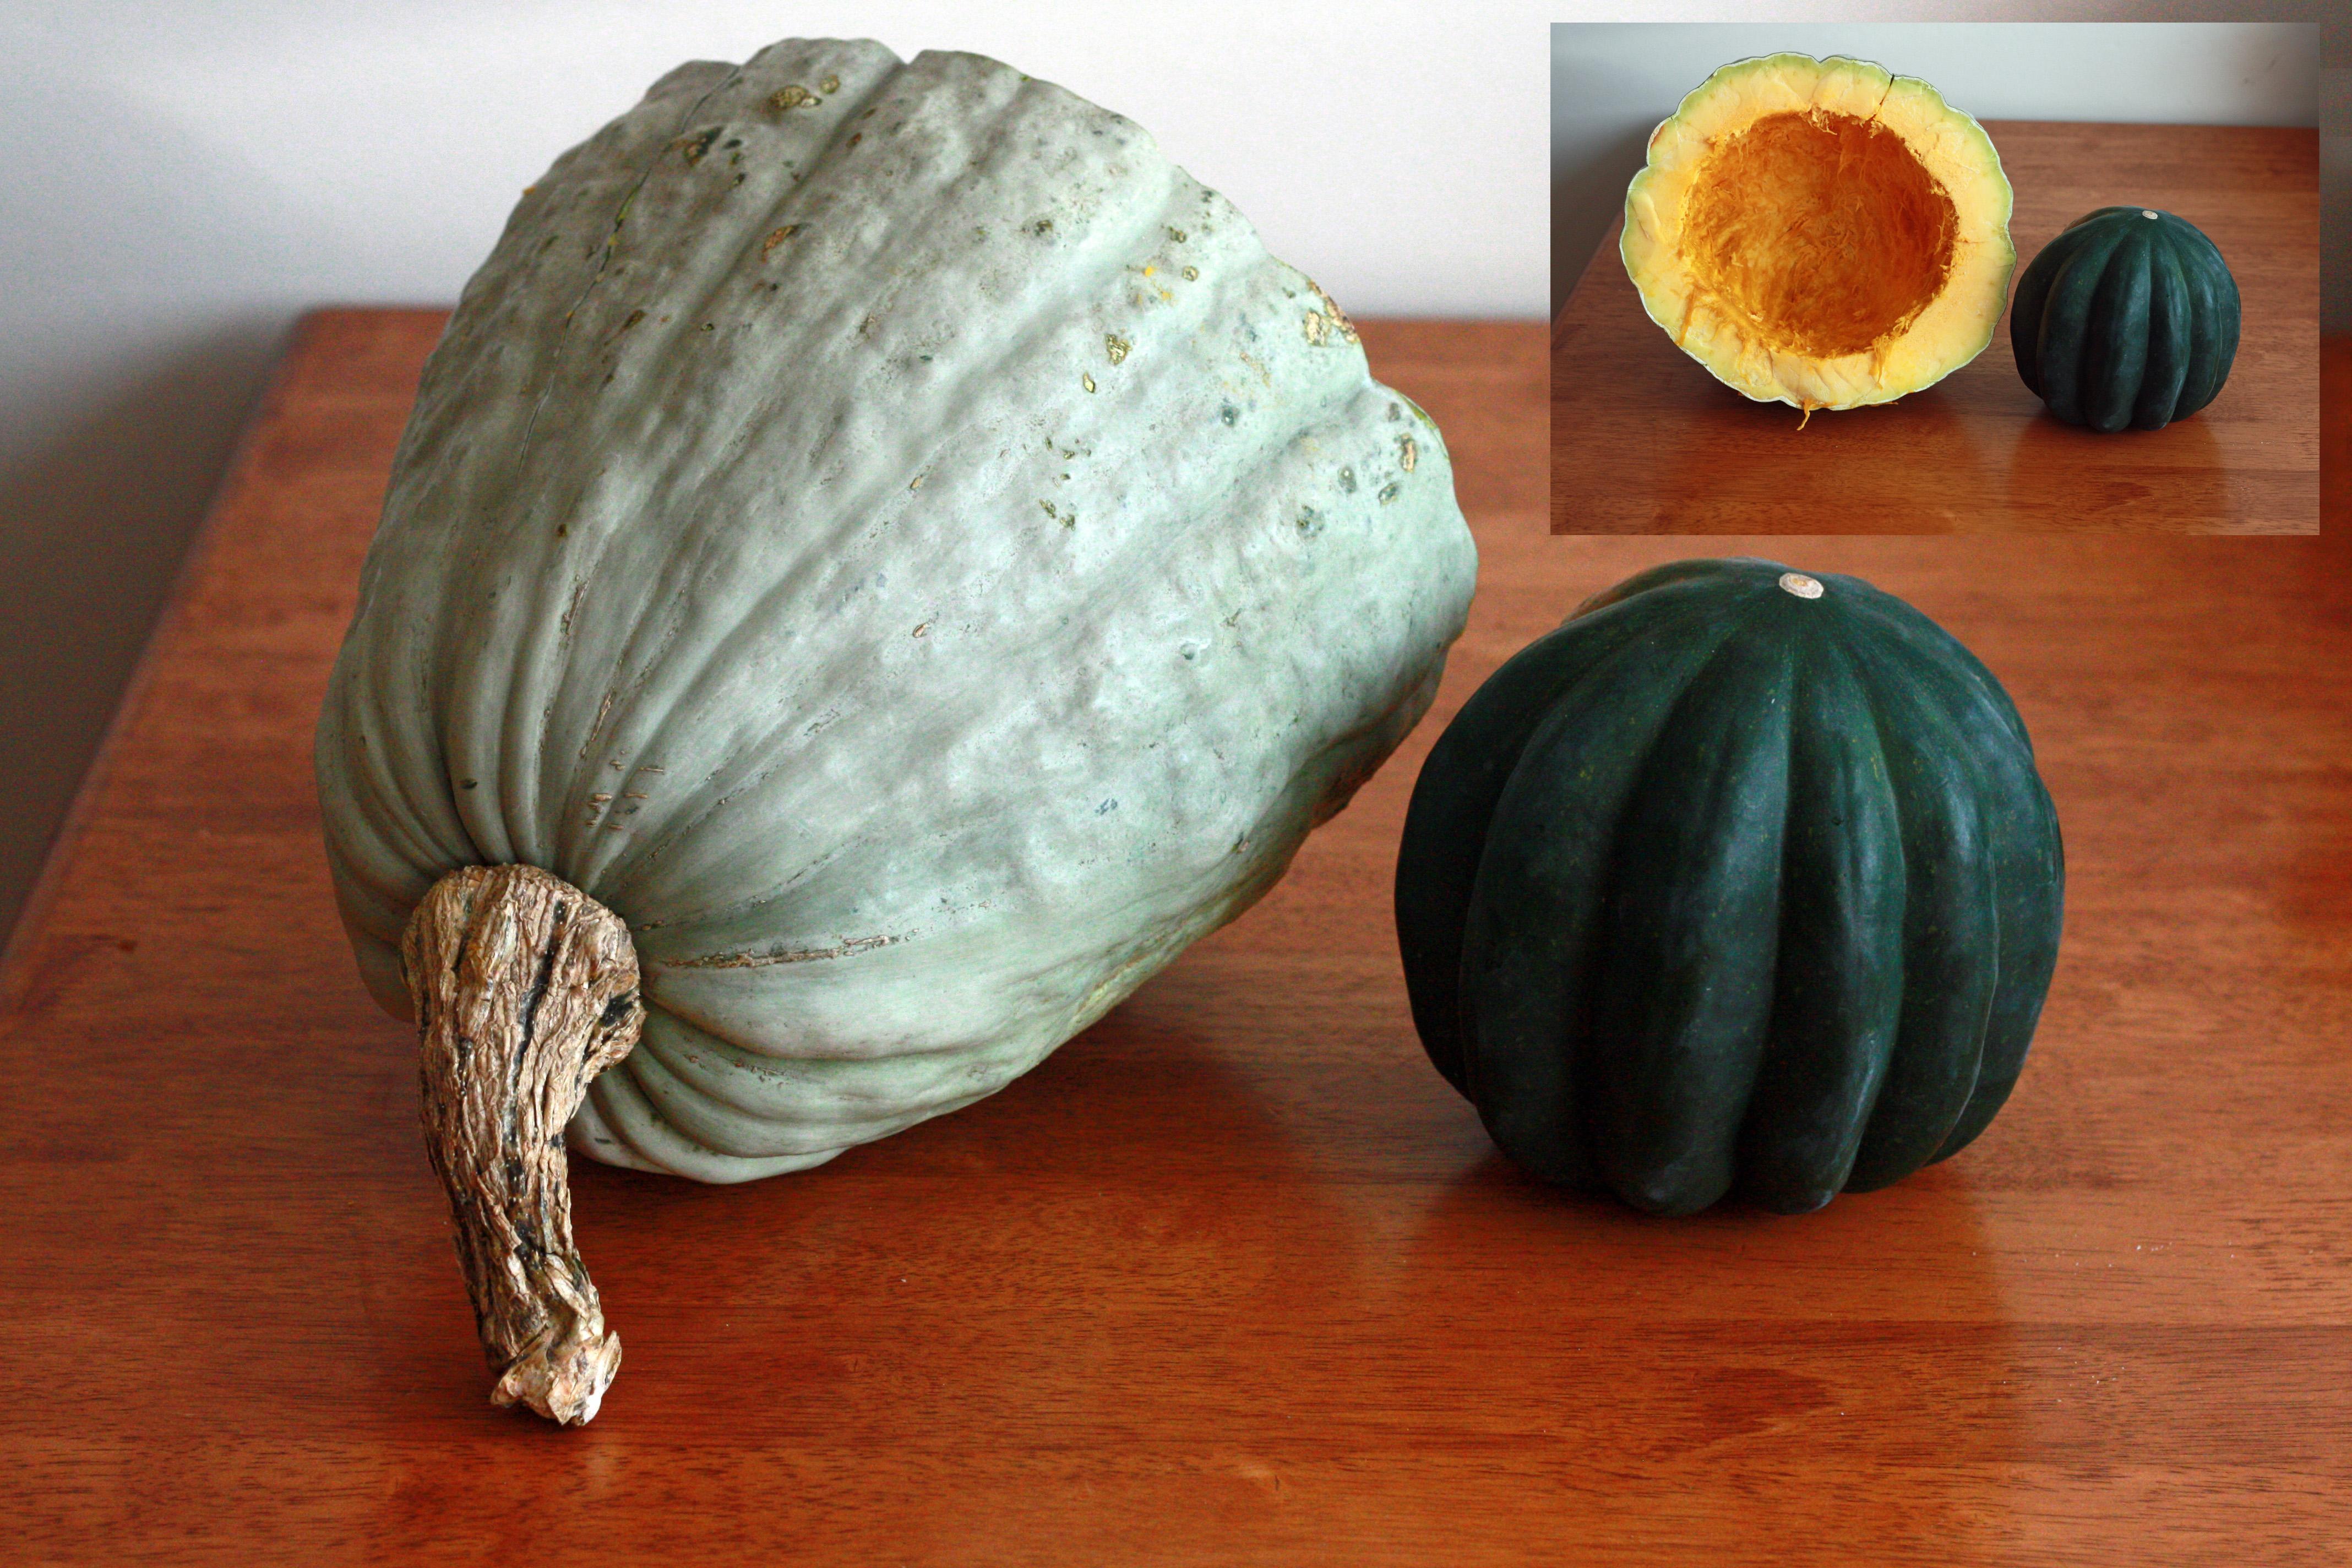 Acorn Squash Comparison